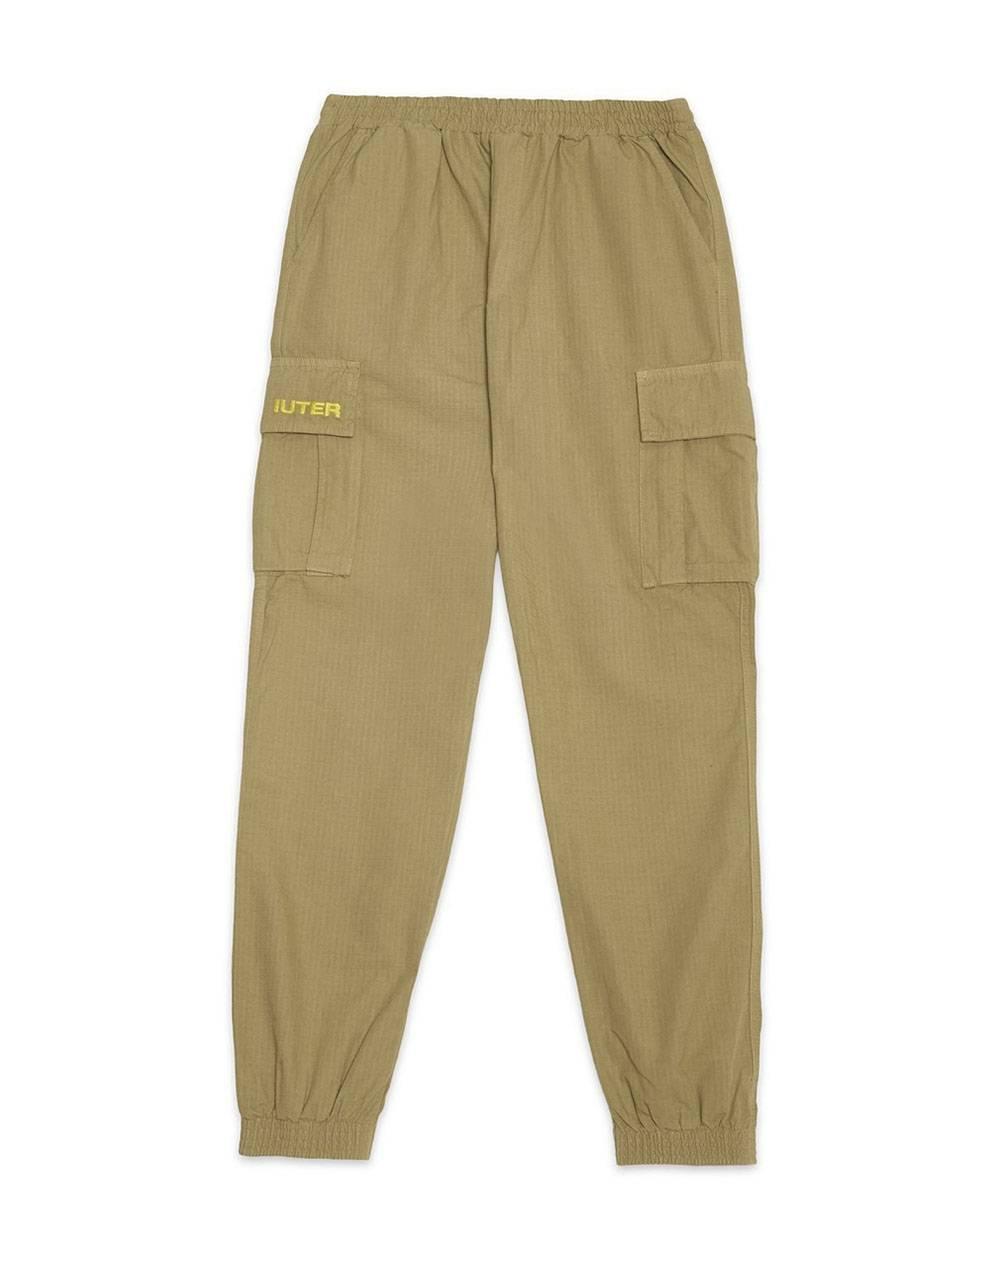 Iuter Jogger cargo pants - Sand IUTER Pant 119,00€